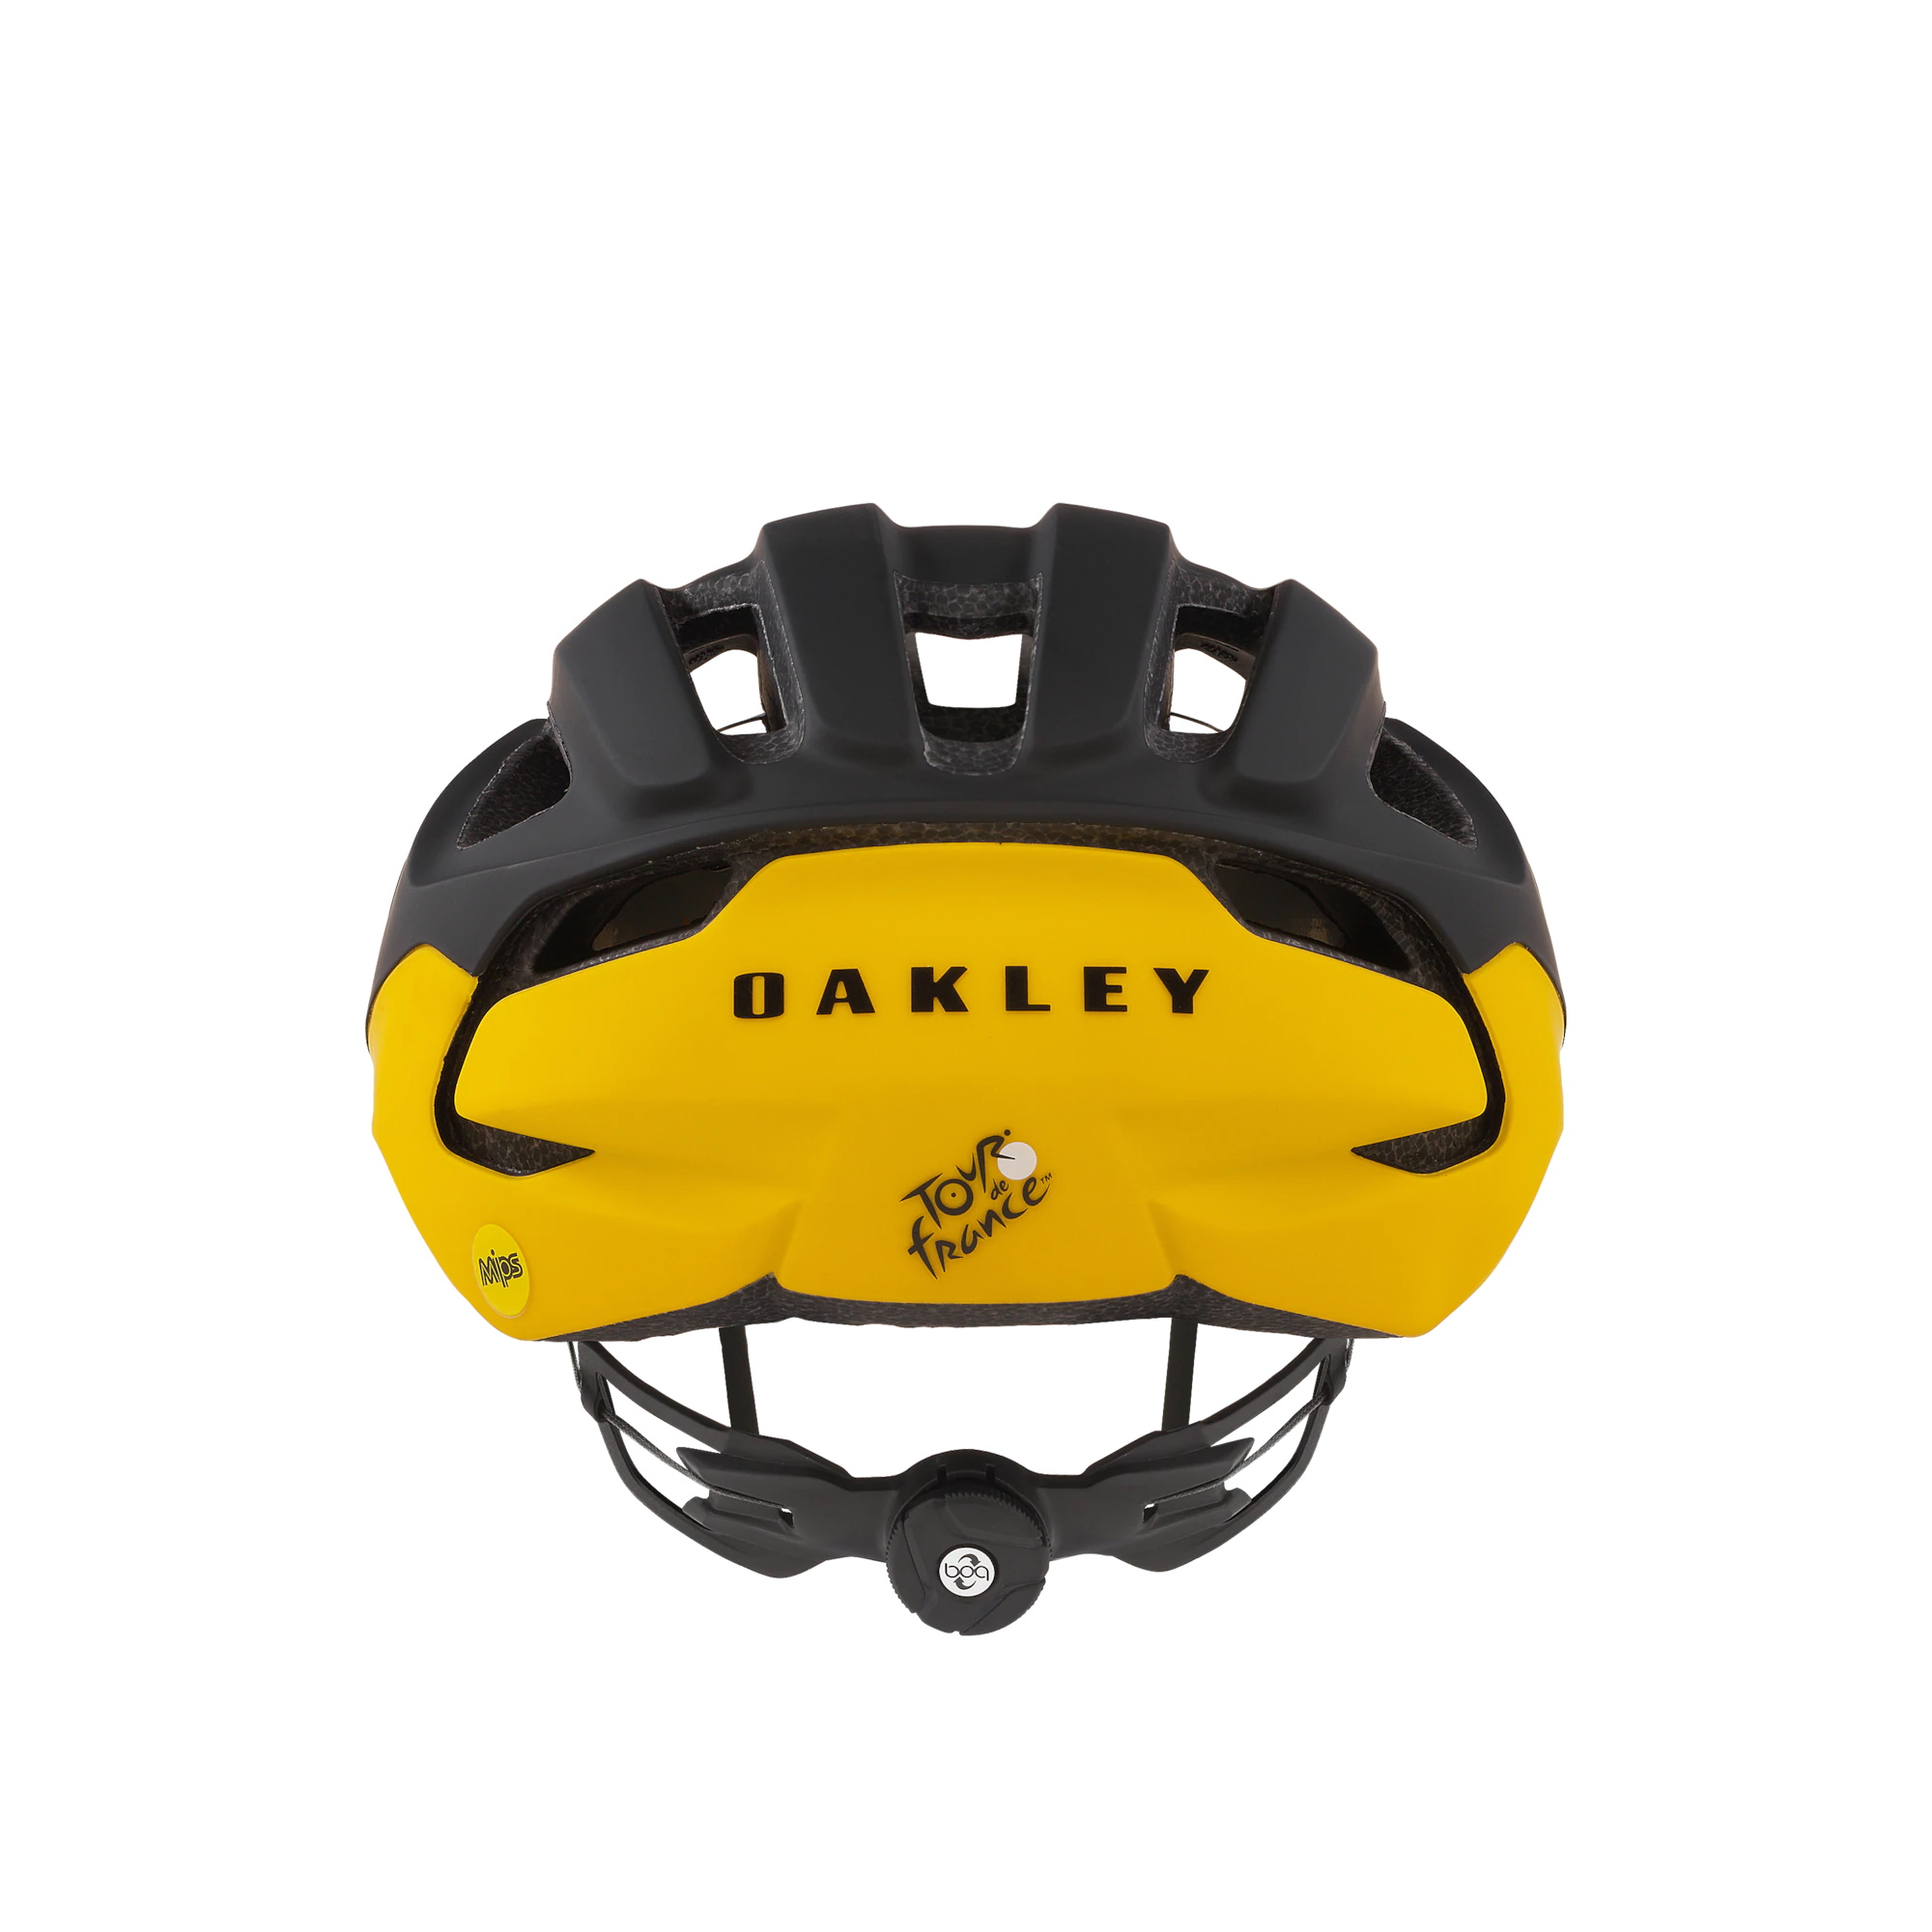 miniature 14 - Oakley ARO3 Cycling Helmet Bike Helmet 99470 - Pick Color & Size